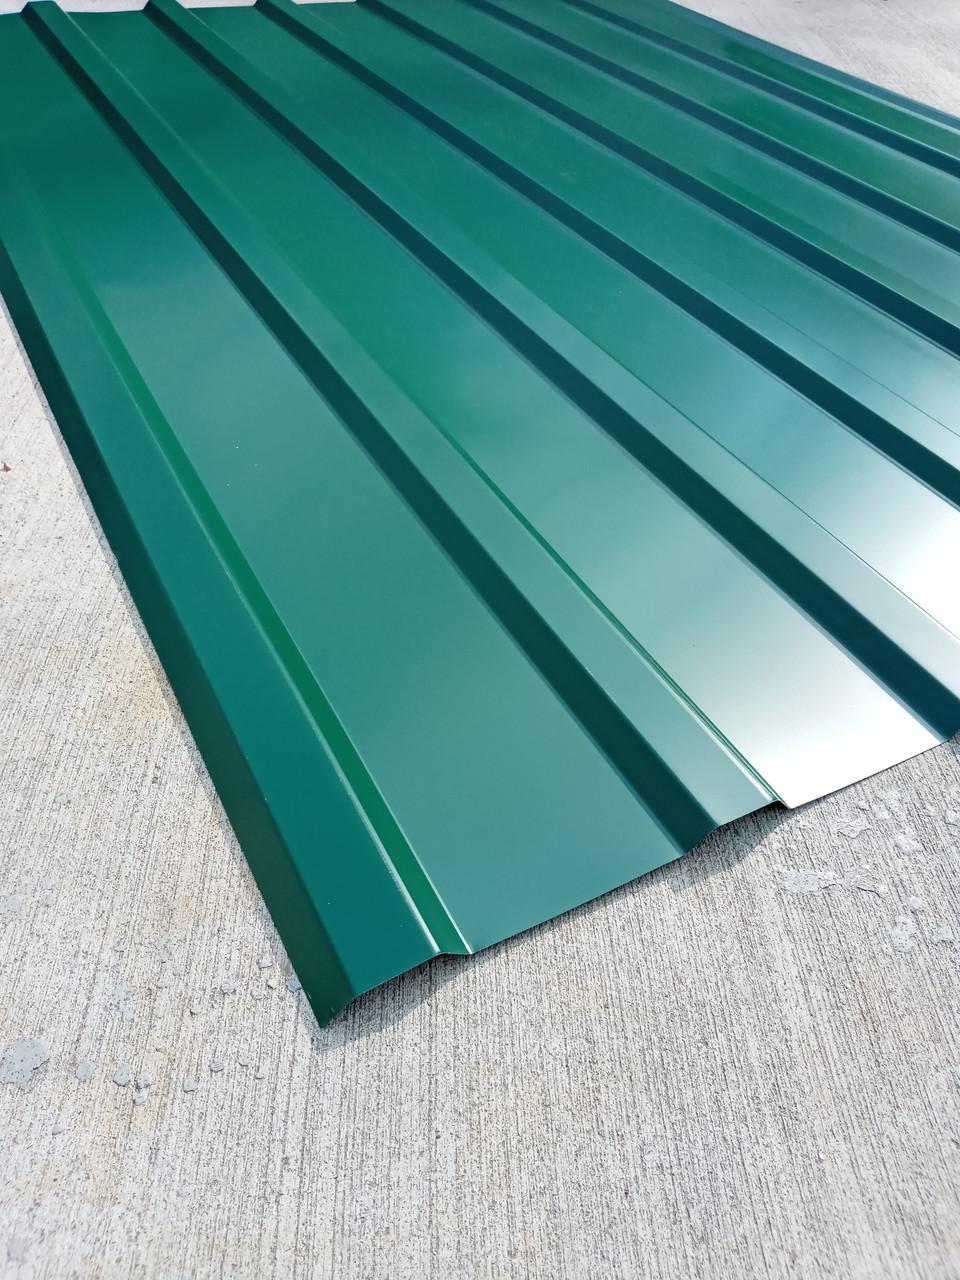 Профнастил  для Кровли зеленый ПК-20, 0,30 мм; высота 1.5 метра ширина 1,16 м